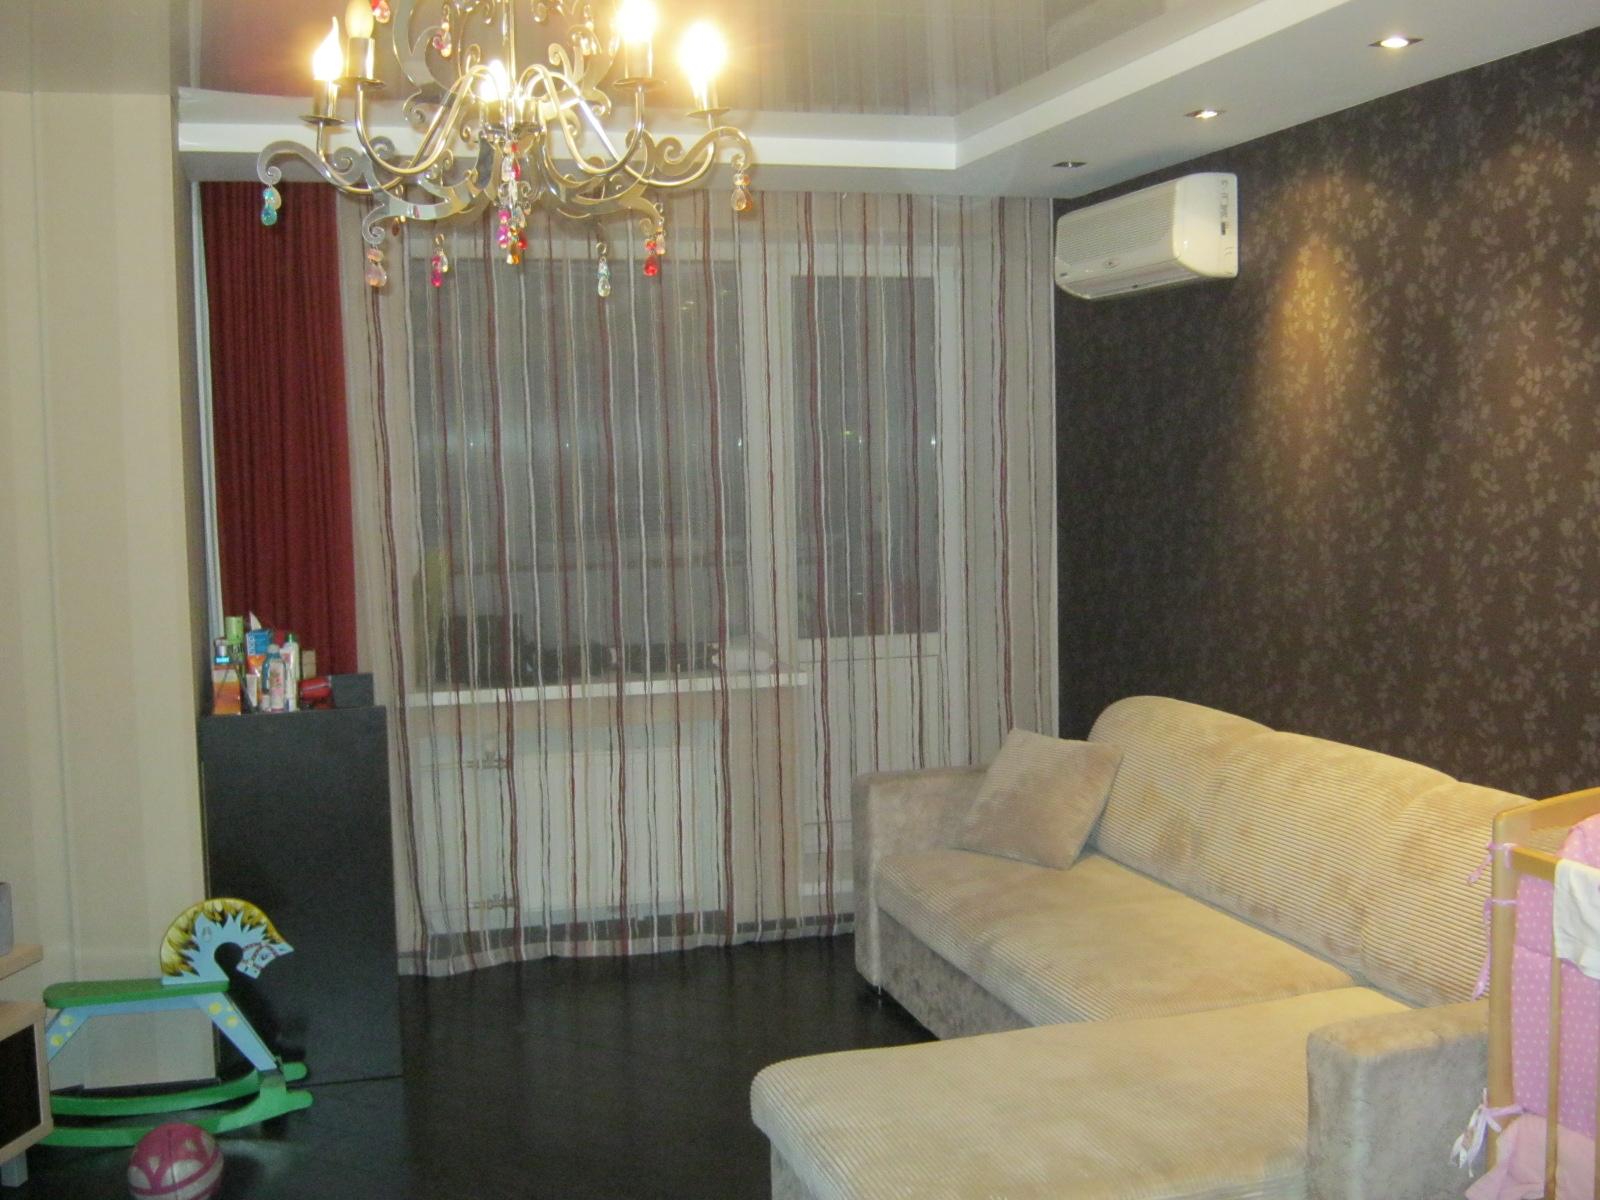 Комната 10 кв метров дизайн - дизайнерини.